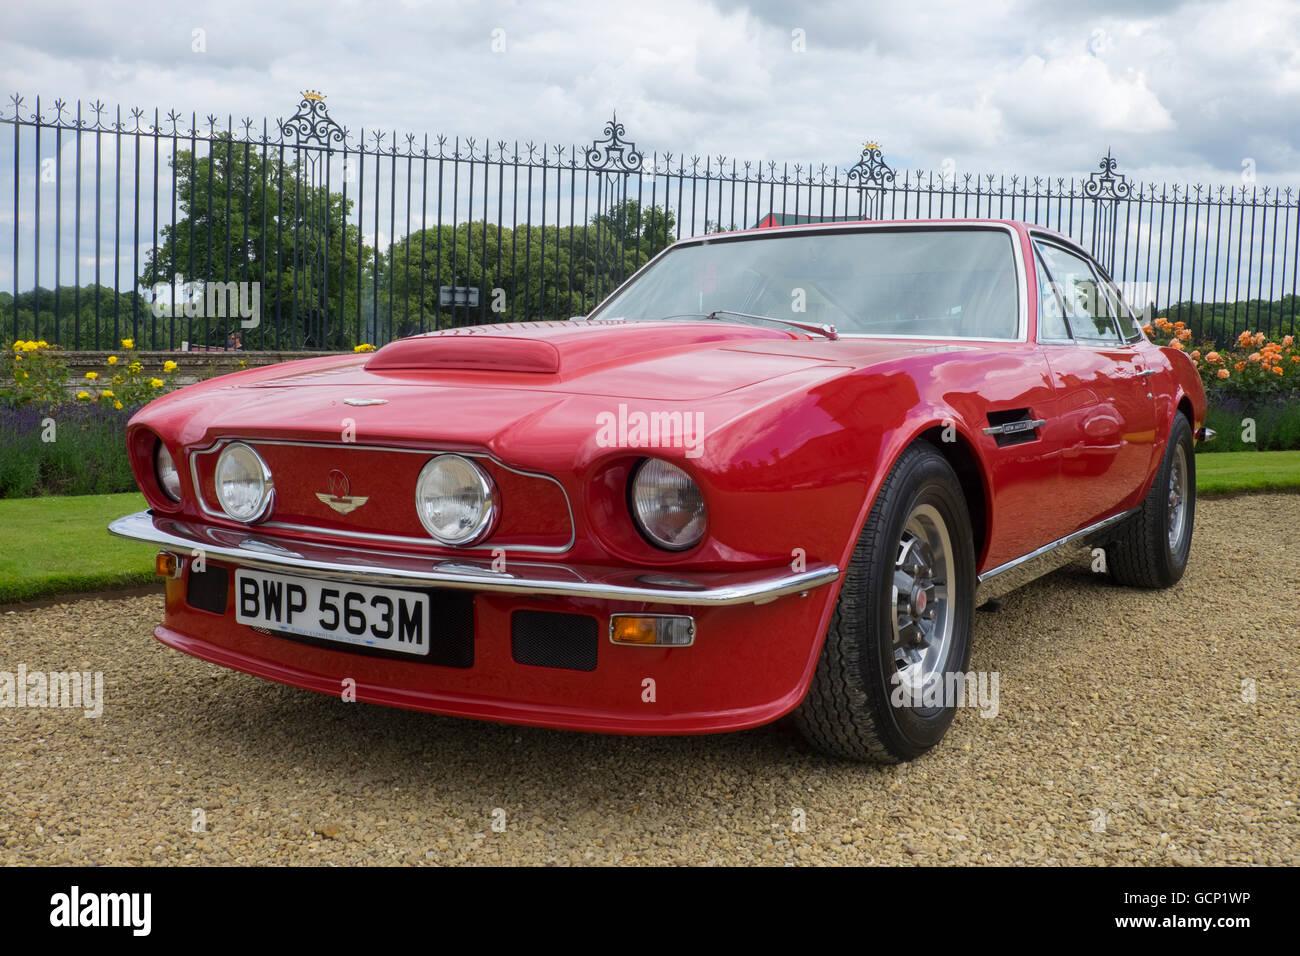 Vintage Red Aston Martin Stock Photo Alamy